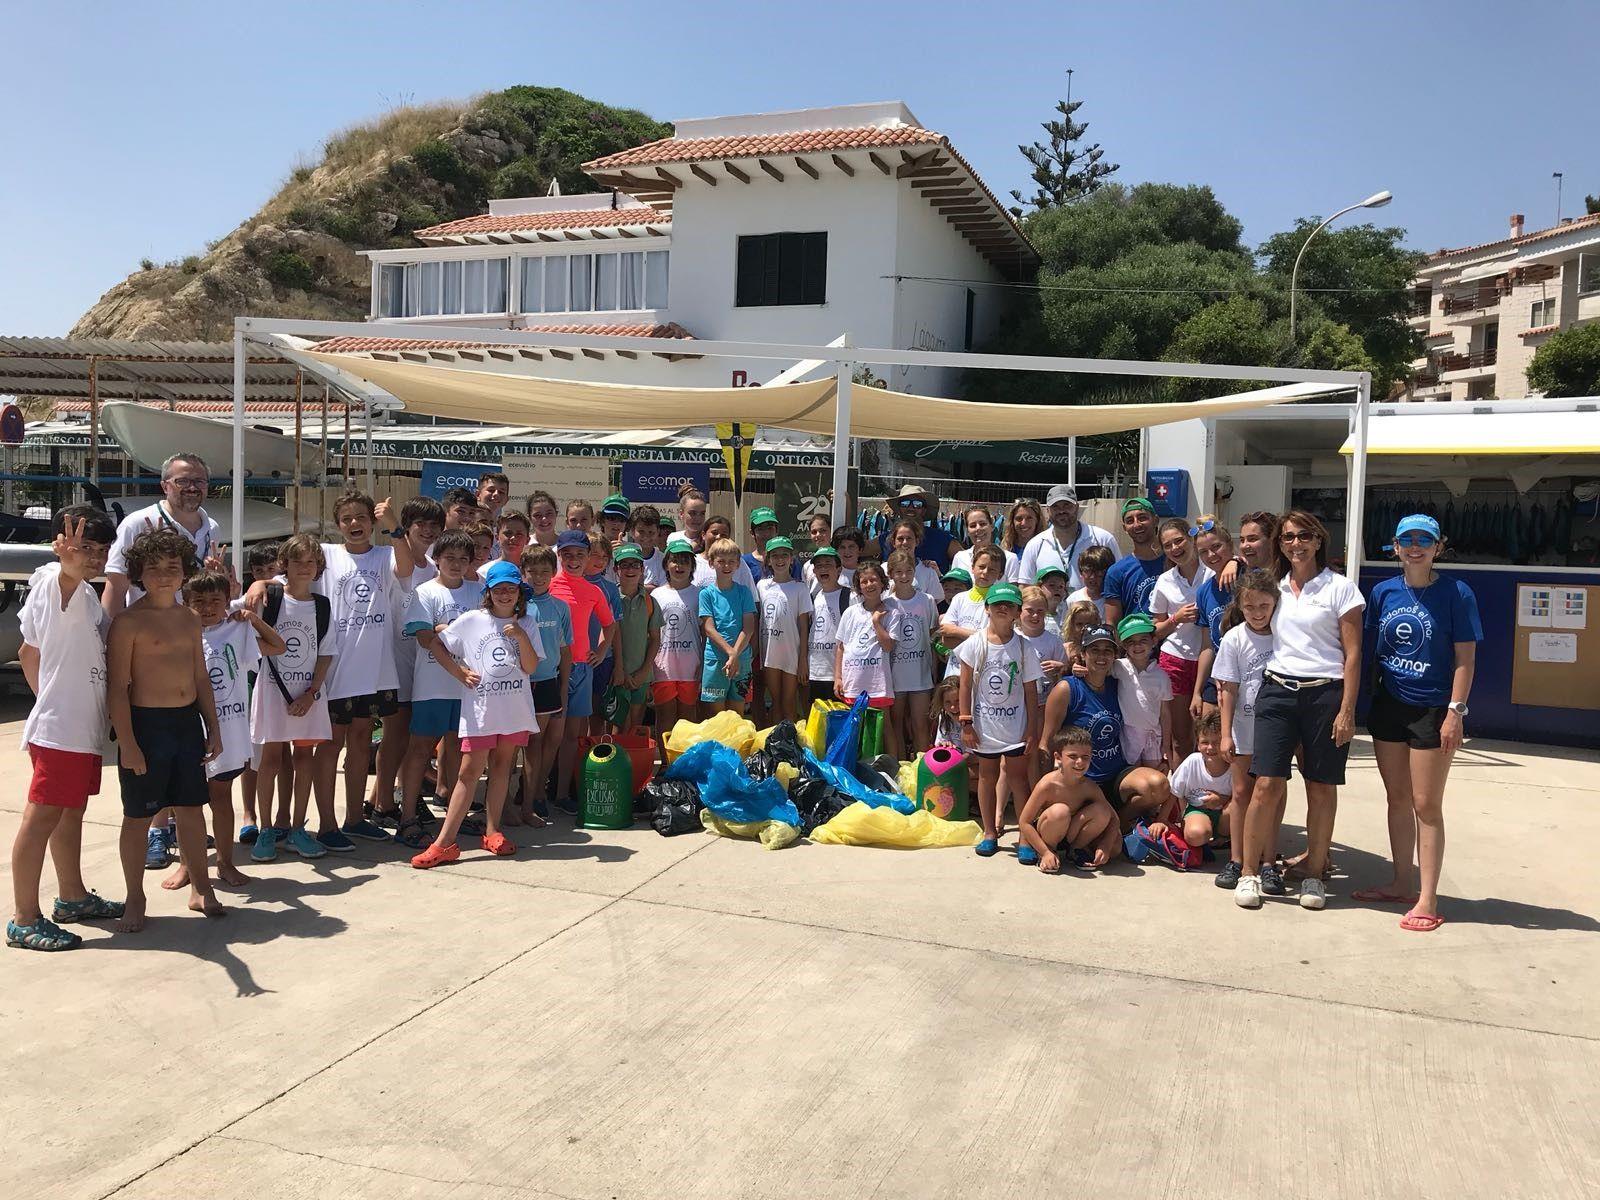 Campaña Ecovidrio con niños - Mallorca